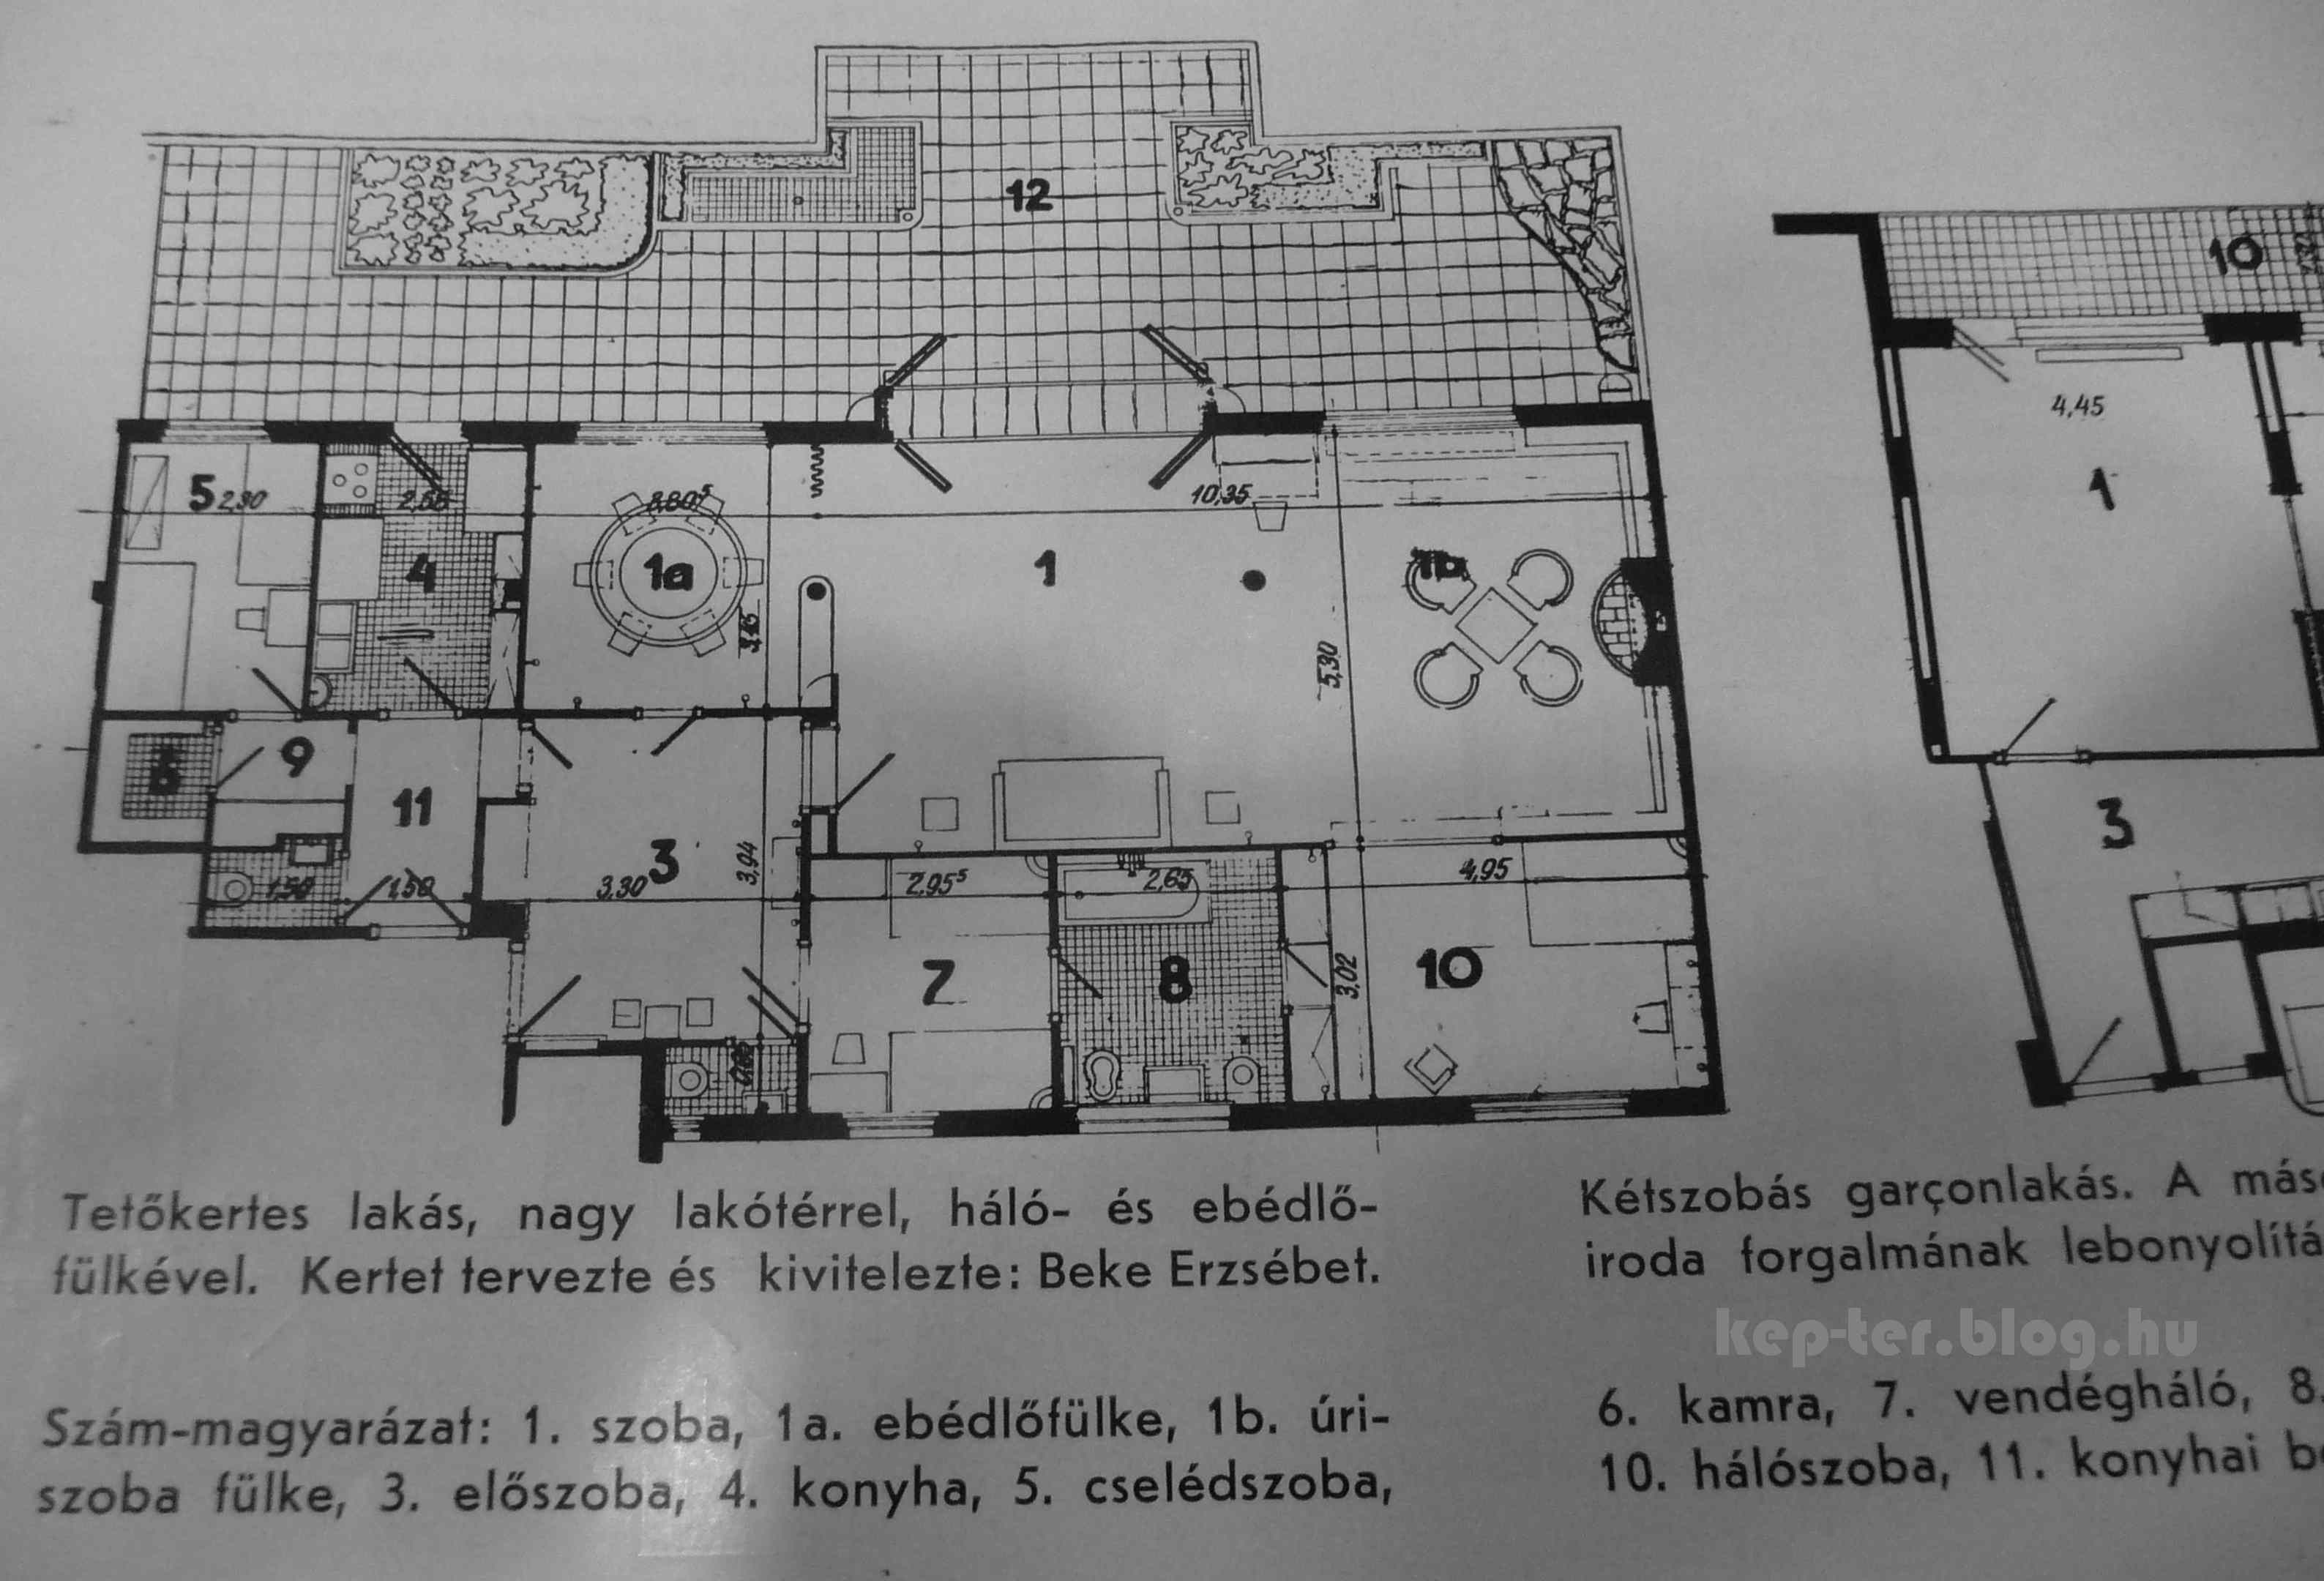 Forrás: Tér és Forma<br />1. szoba, 1a. ebédlőfülke, 1b. úriszobafülke, 3. előszoba, 4. konyha, 5. cselédszoba, 6. kamra, 7. vendégháló, 8. fürdőszoba, 9. tálaló, 10. hálószoba, 11. konyhai bejárat